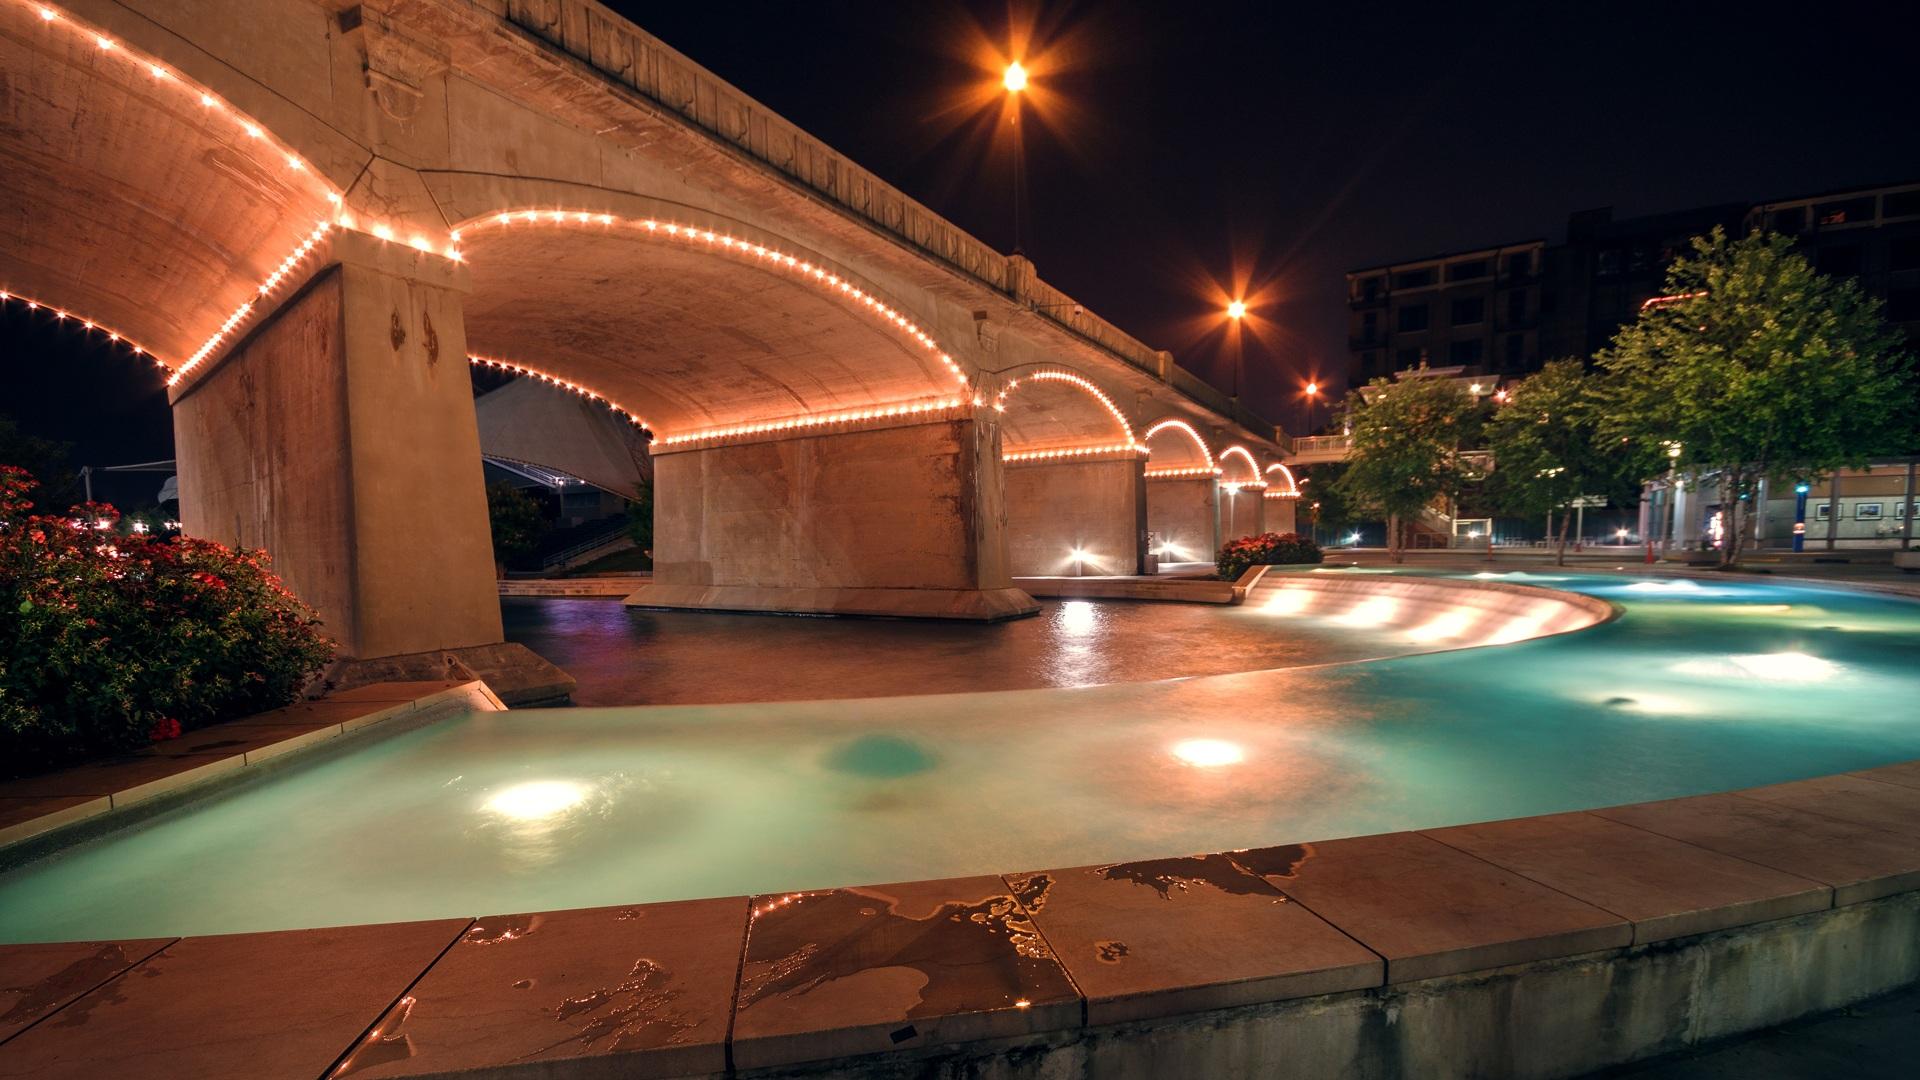 AuBergewohnlich Wasser Brücke Nacht  Innenstadt Betrachtung Pool Park Landschaft Hinterhof  Beleuchtung Erholungsort Immobilien Tennessee Knoxville Weltpark